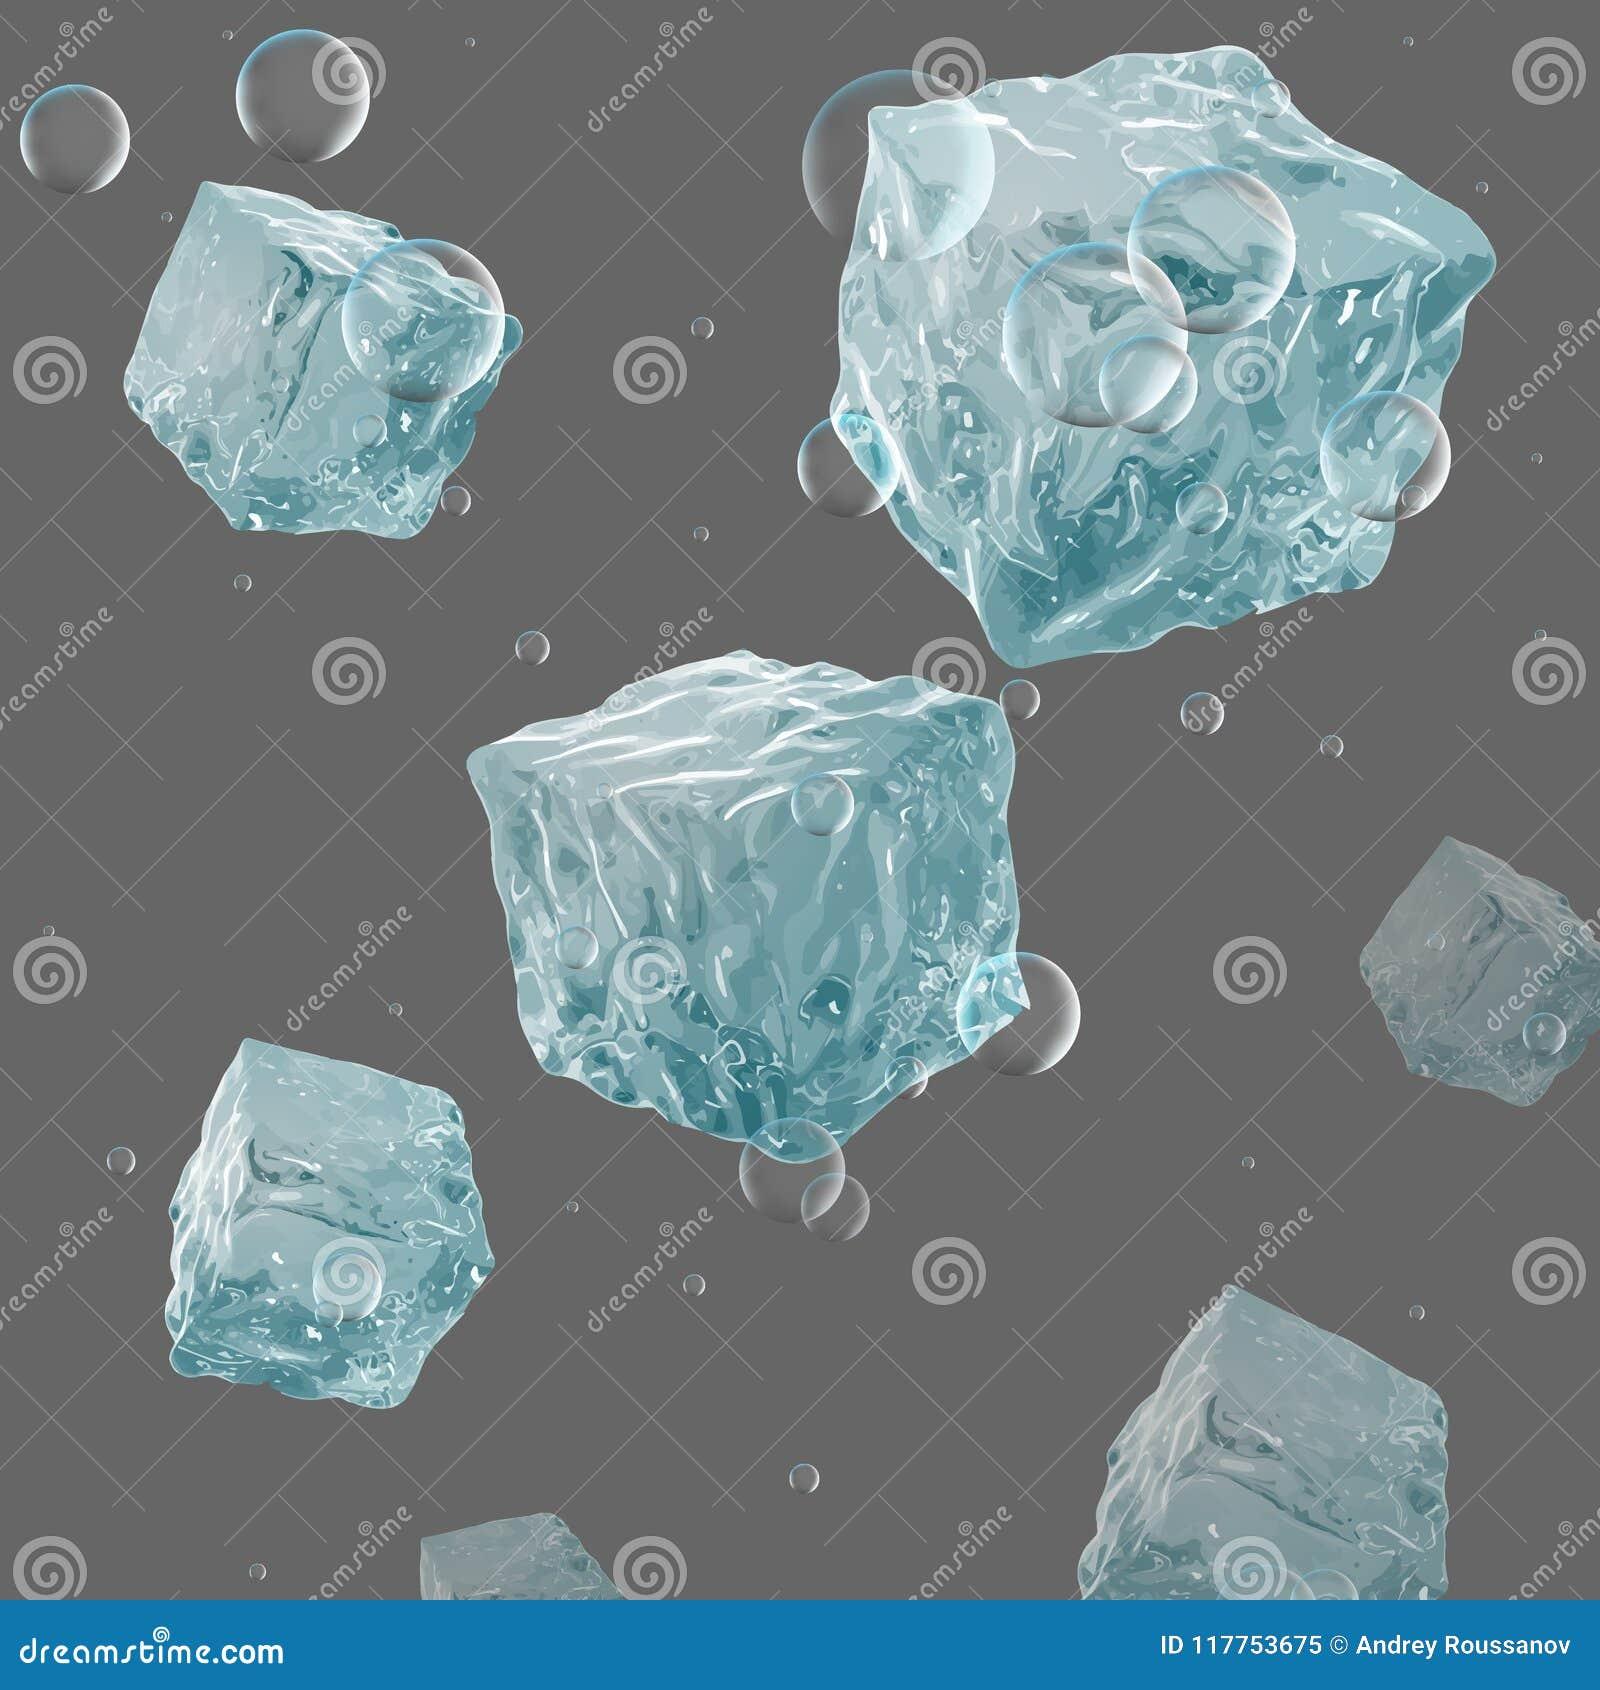 Ice Cubes, Soda, Ice. Fresh realistic background